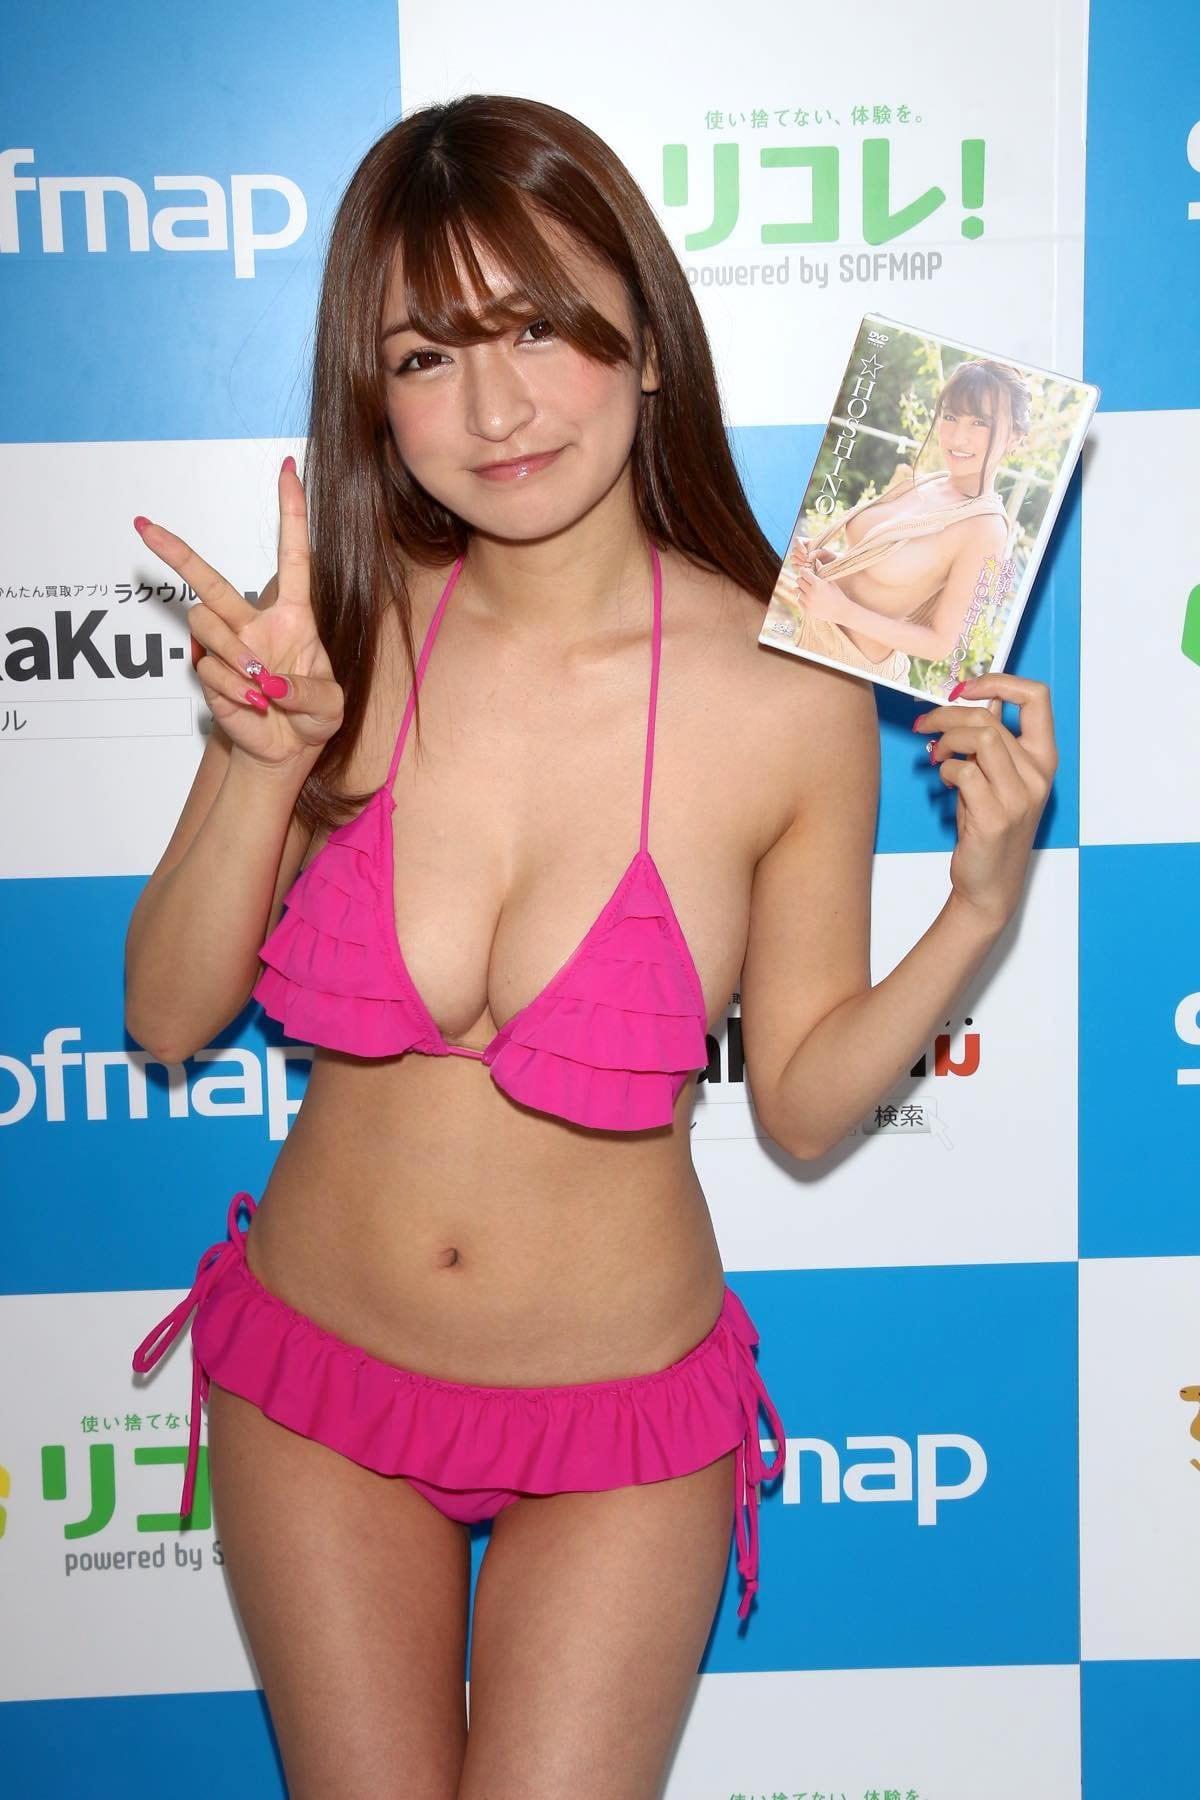 ☆HOSHINO「シャツがどんどん透けちゃう」エプロンはほぼ裸!【写真35枚】の画像035